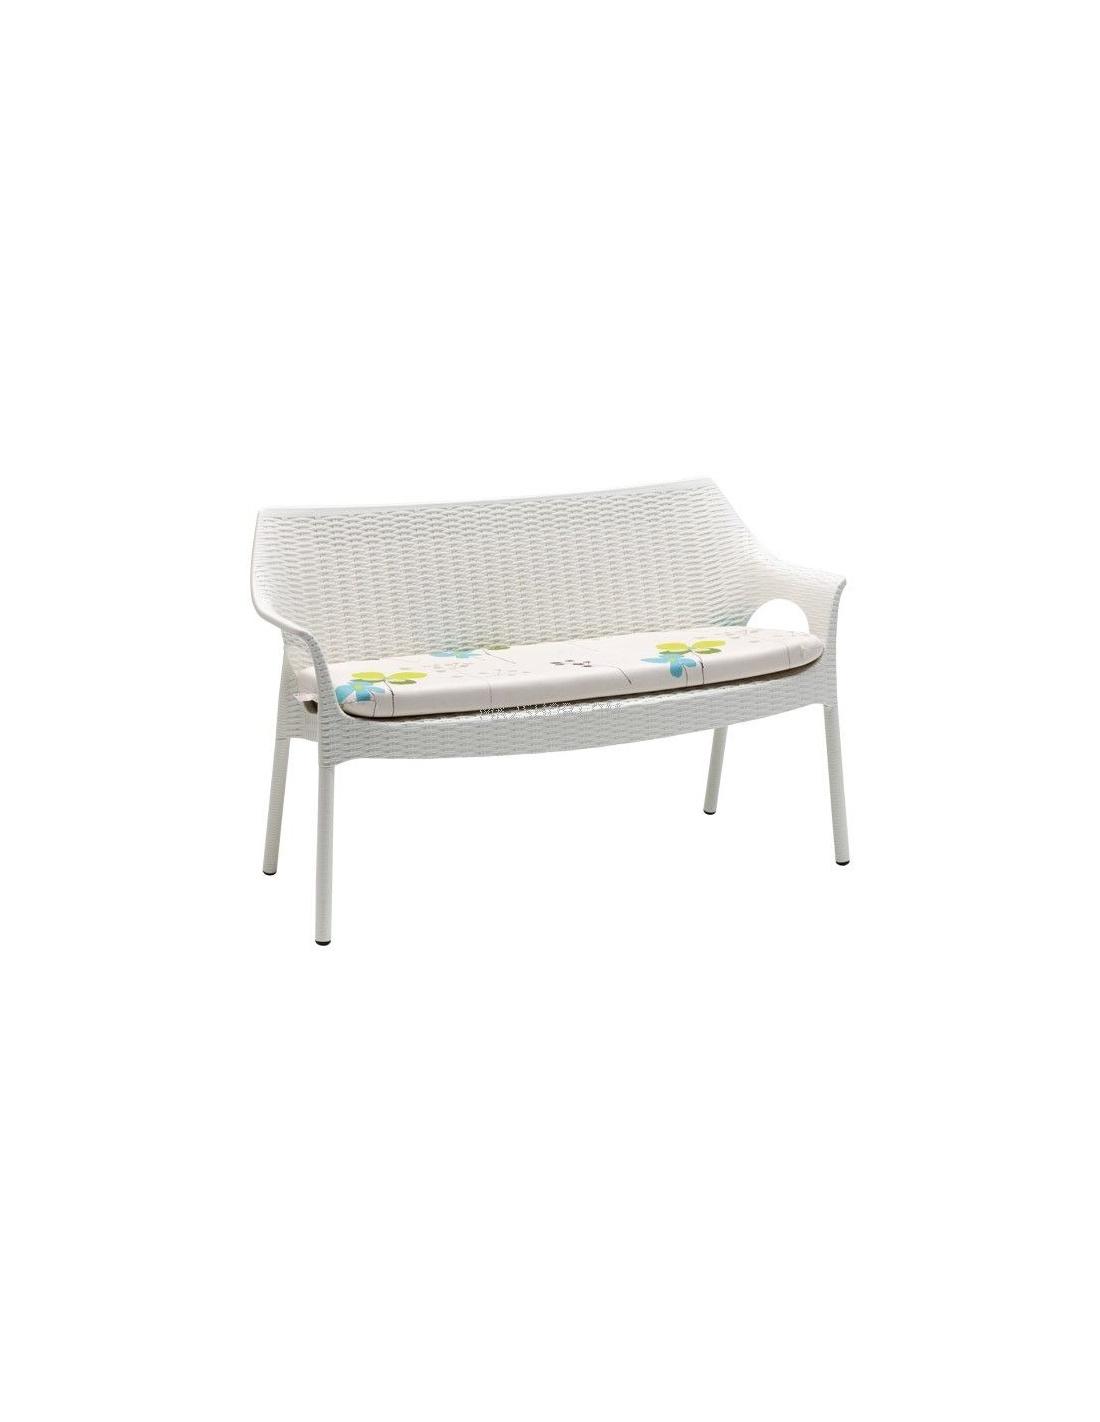 Cuscino per divano modello olimpo sofa di scab design - Cuscino per divano ...